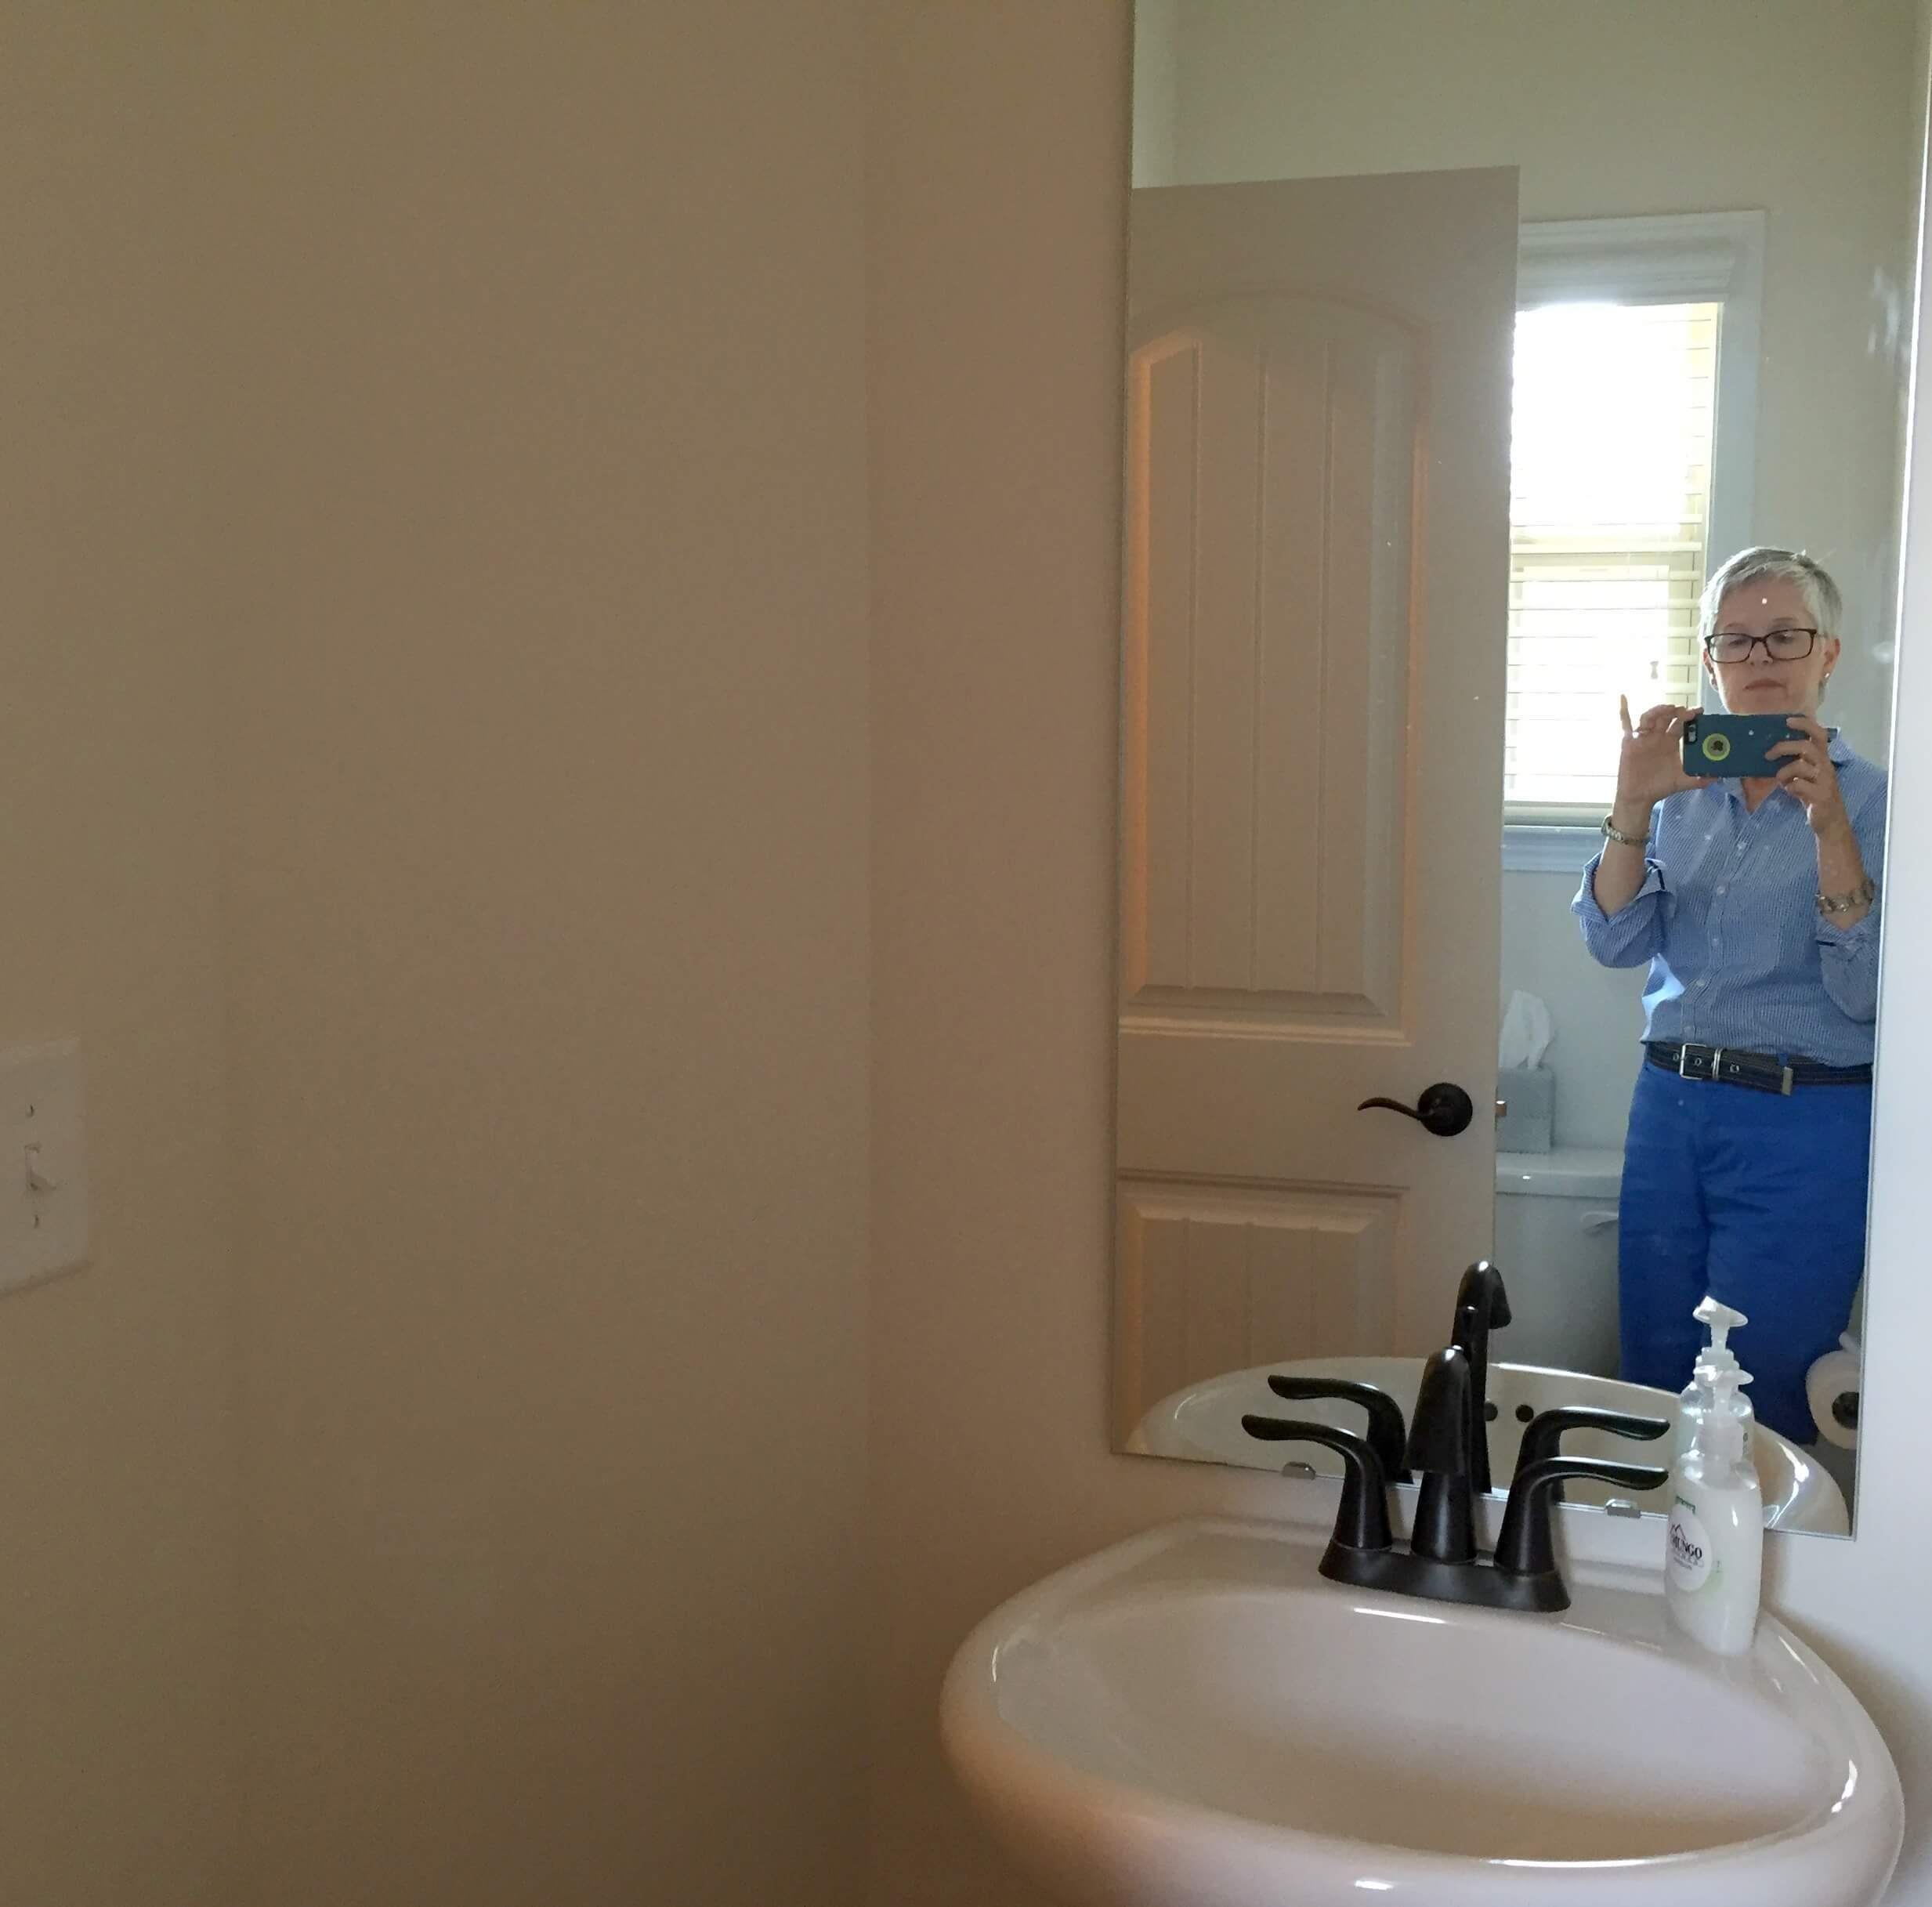 raleigh-bathroom-before.JPG